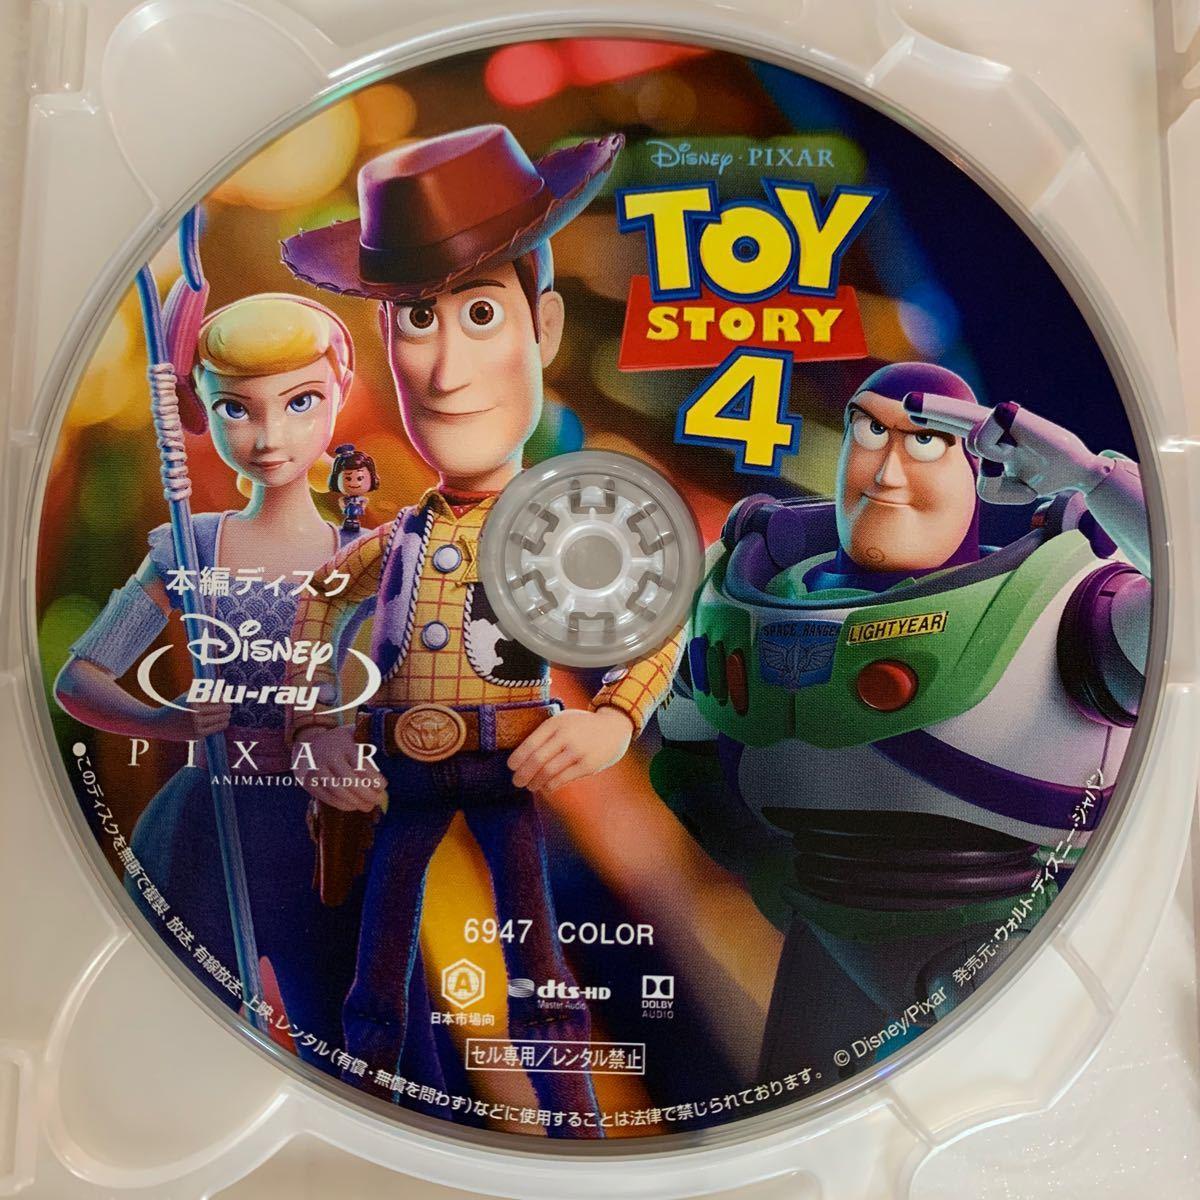 トイ・ストーリー4 ブルーレイ2枚+純正ケース【国内正規版】新品未再生 限定アウターケース付き MovieNEX Blu-ray